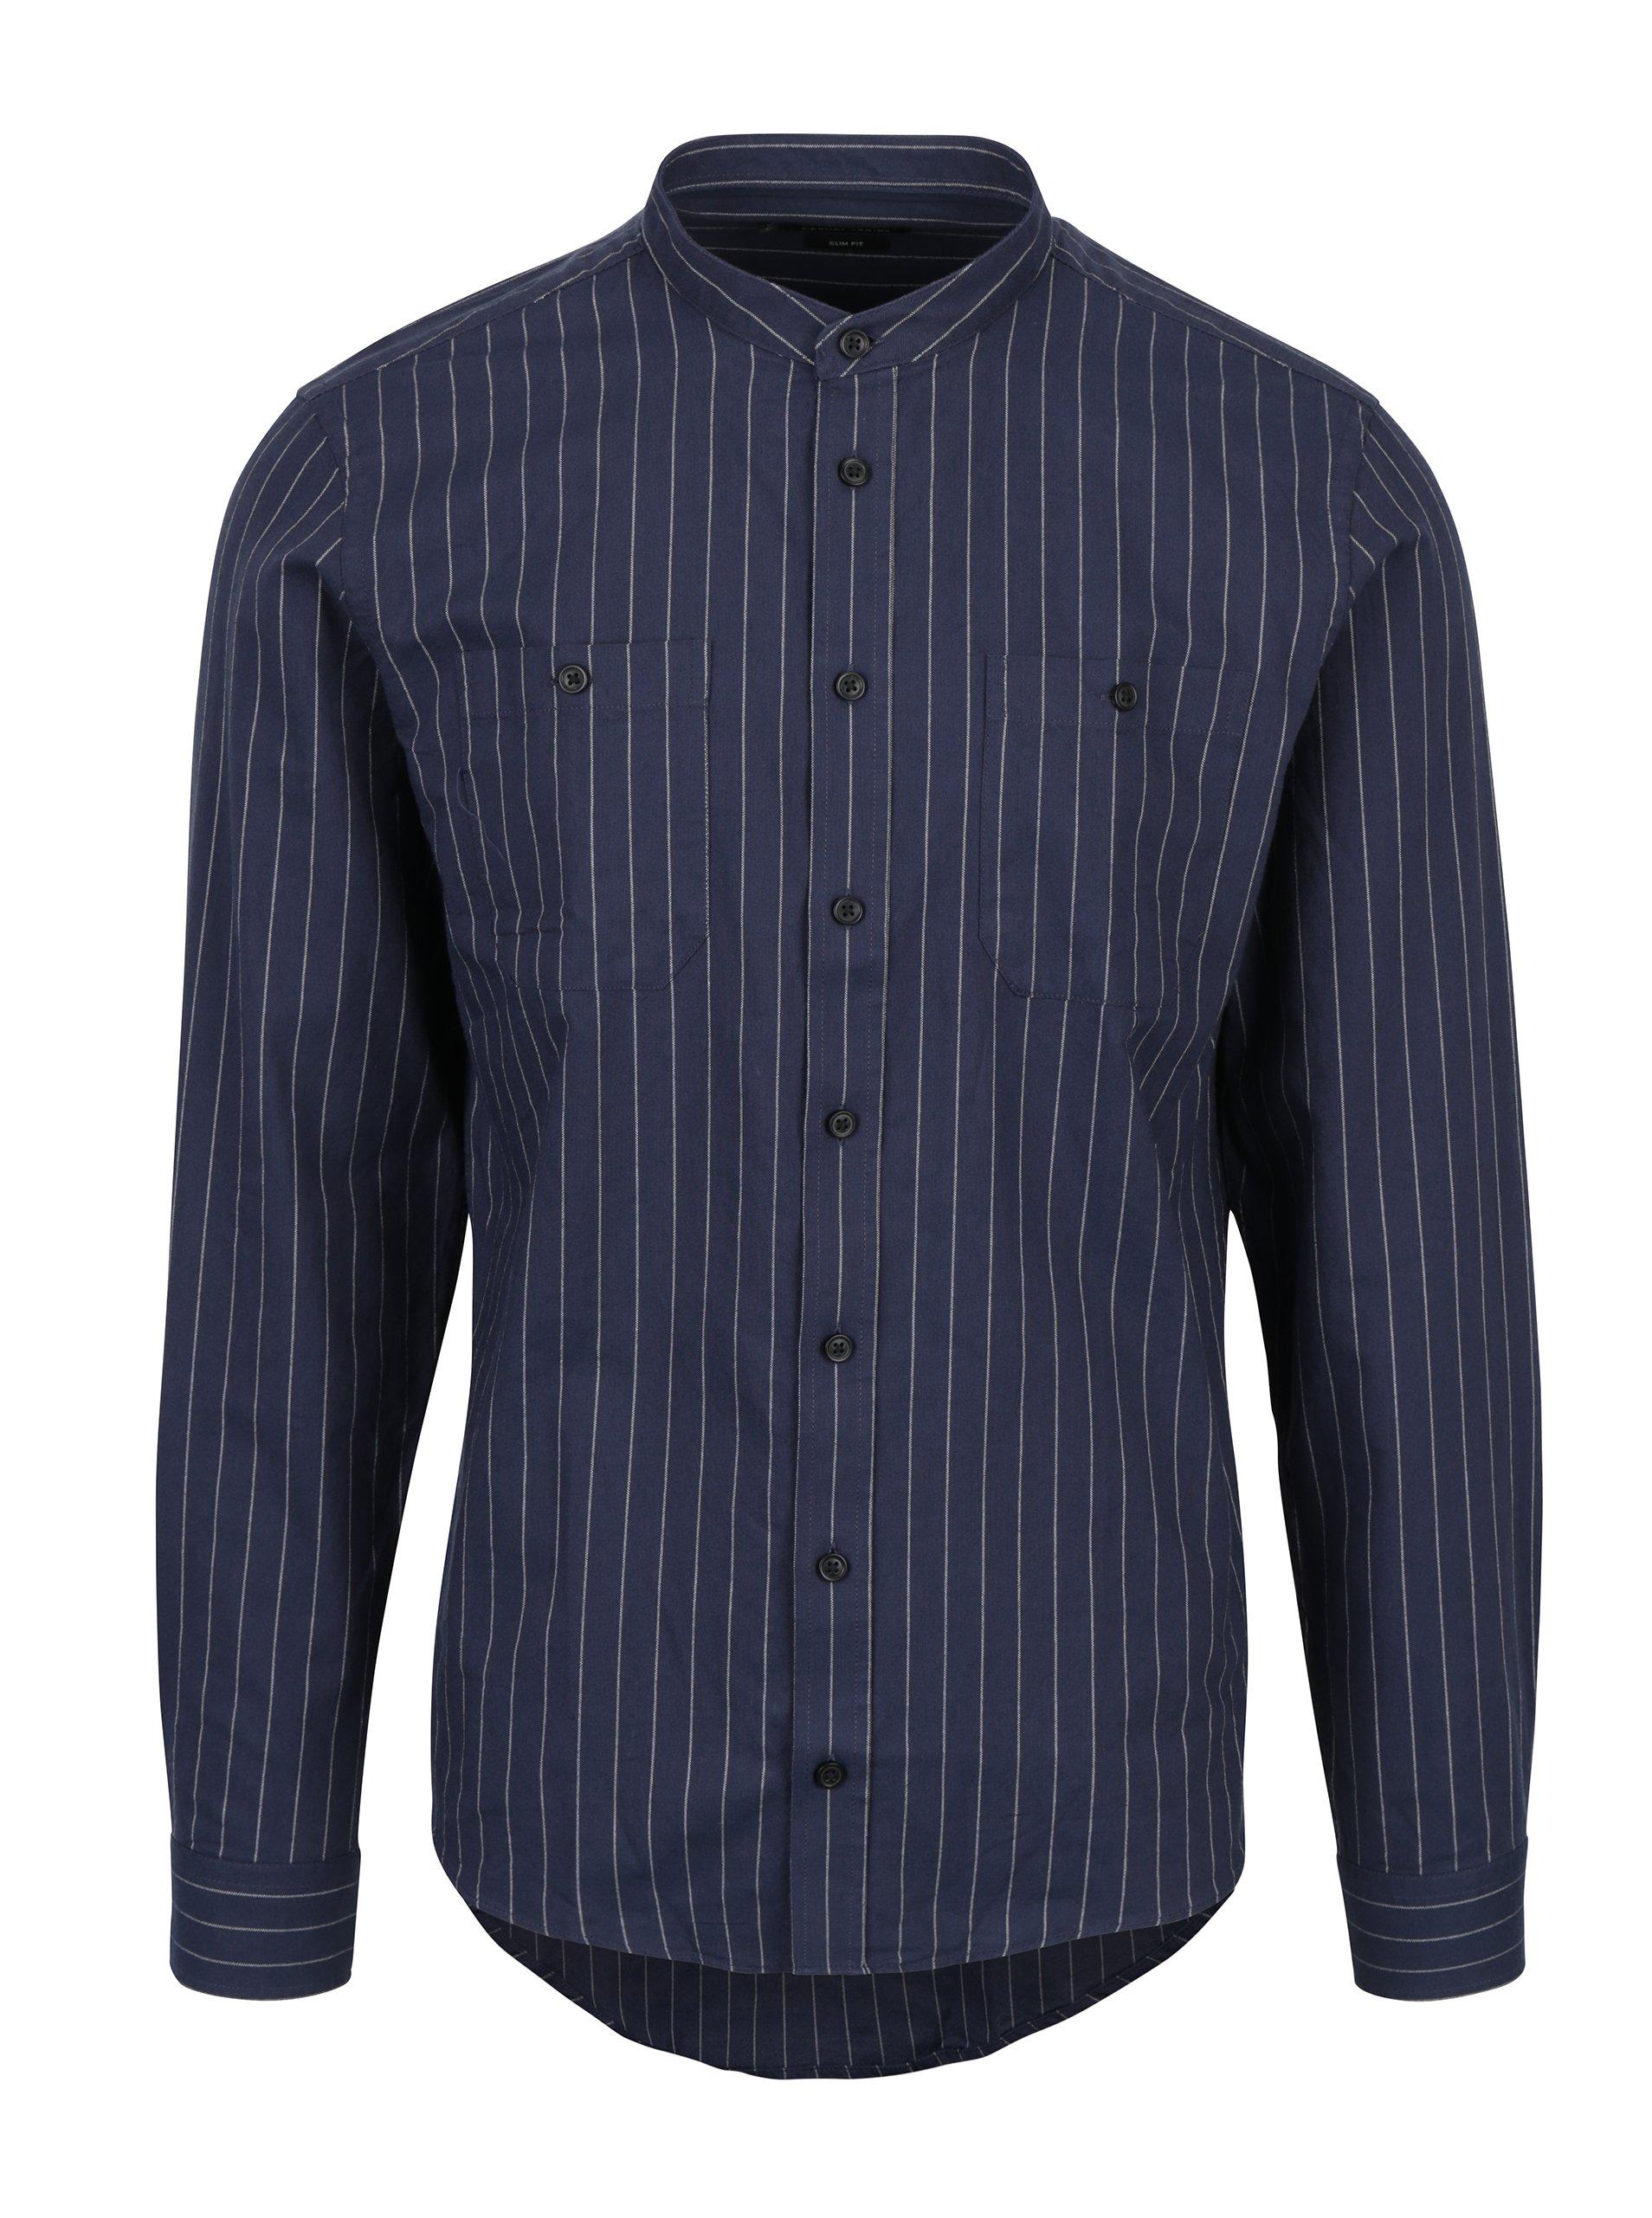 Tmavě modrá pruhovaná košile Casual Friday by Blend